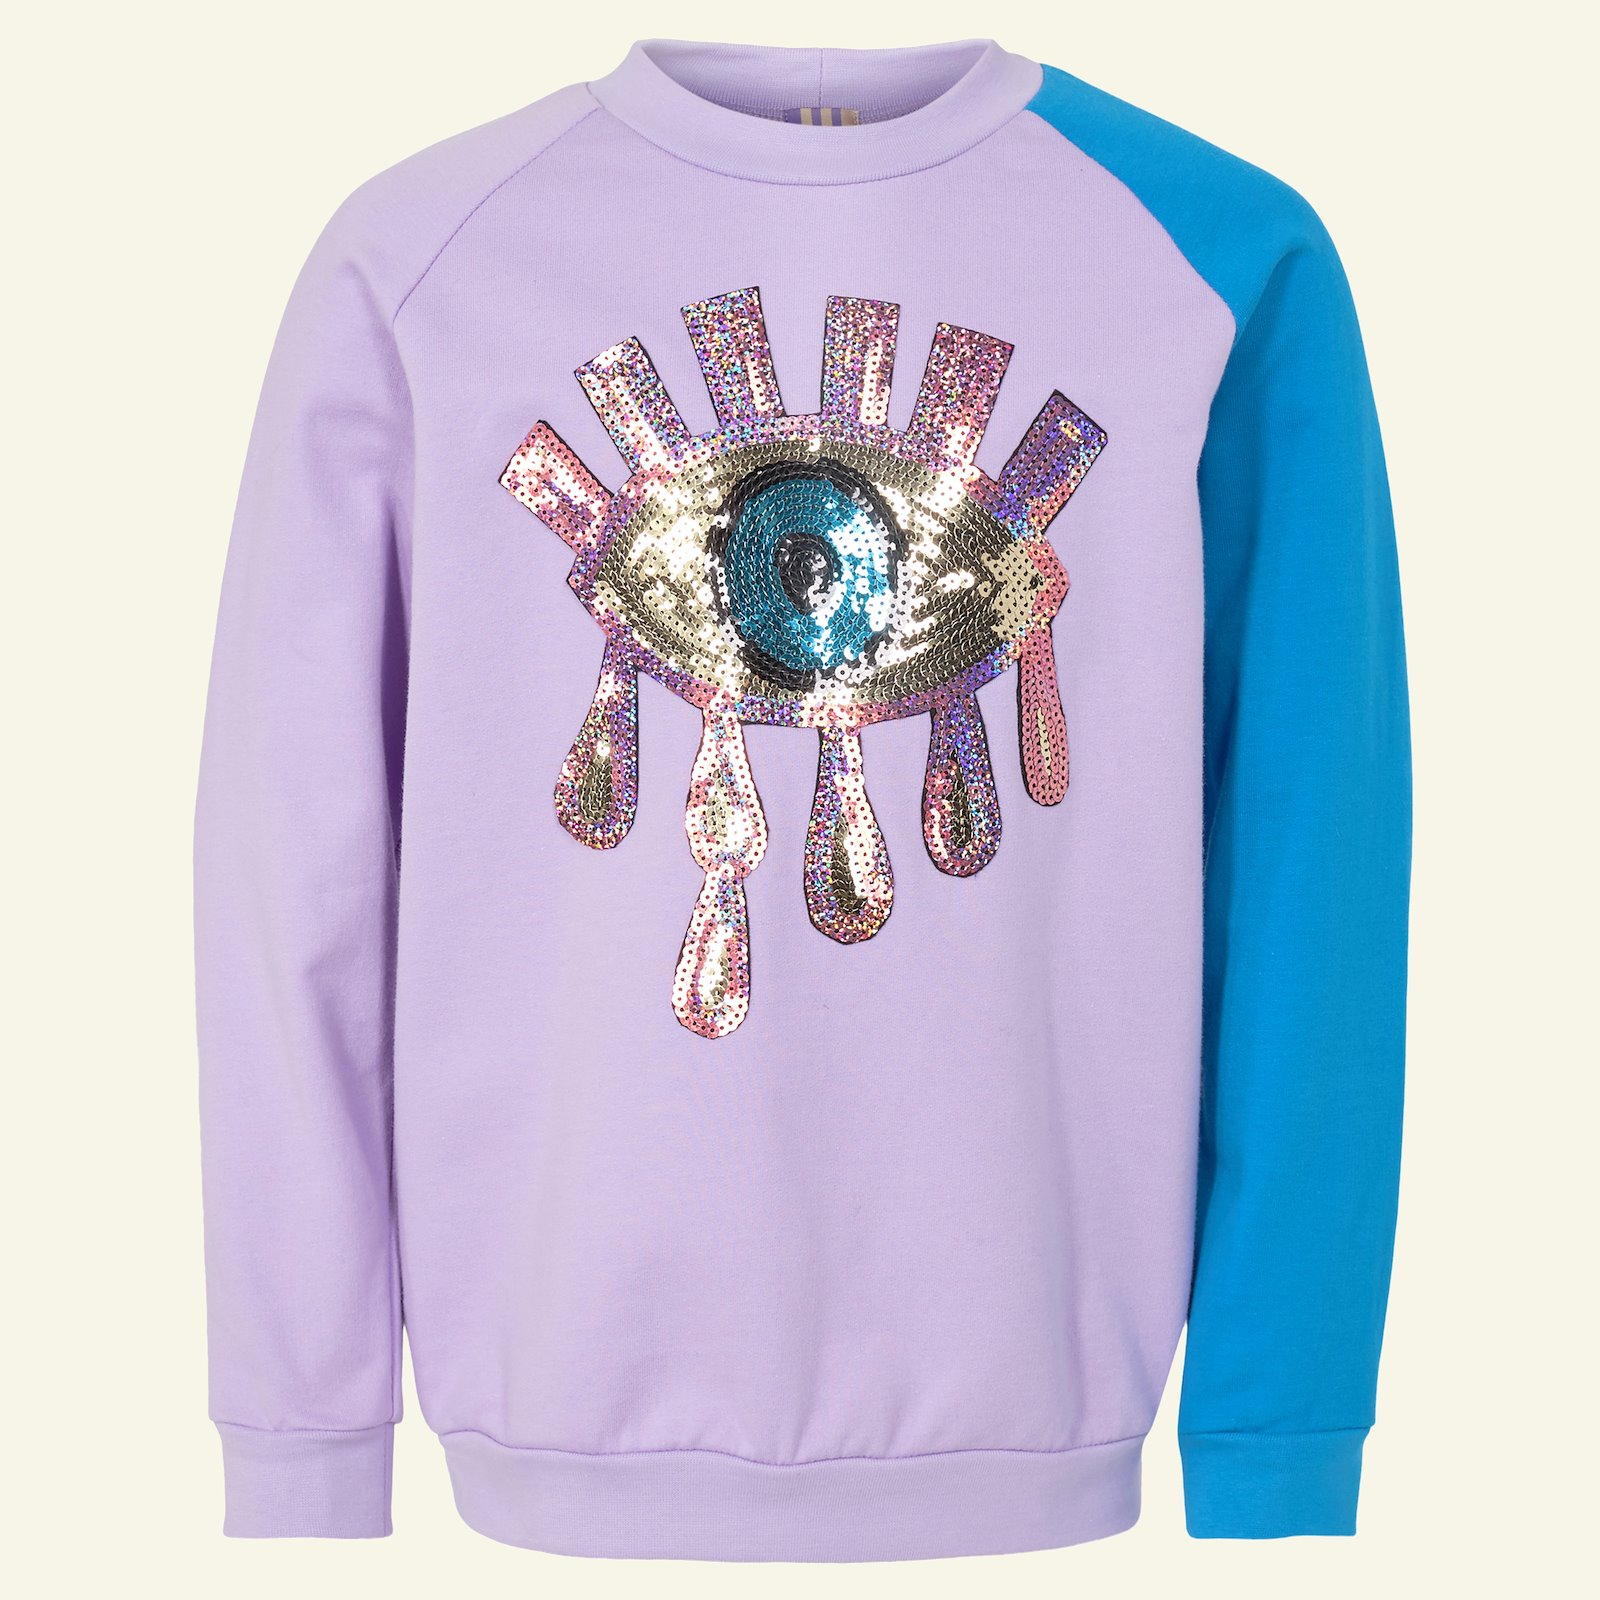 Sweatshirt with raglan sleeves, 98/3y p62015_211768_211772_230654_230058_26421_26455_sskit